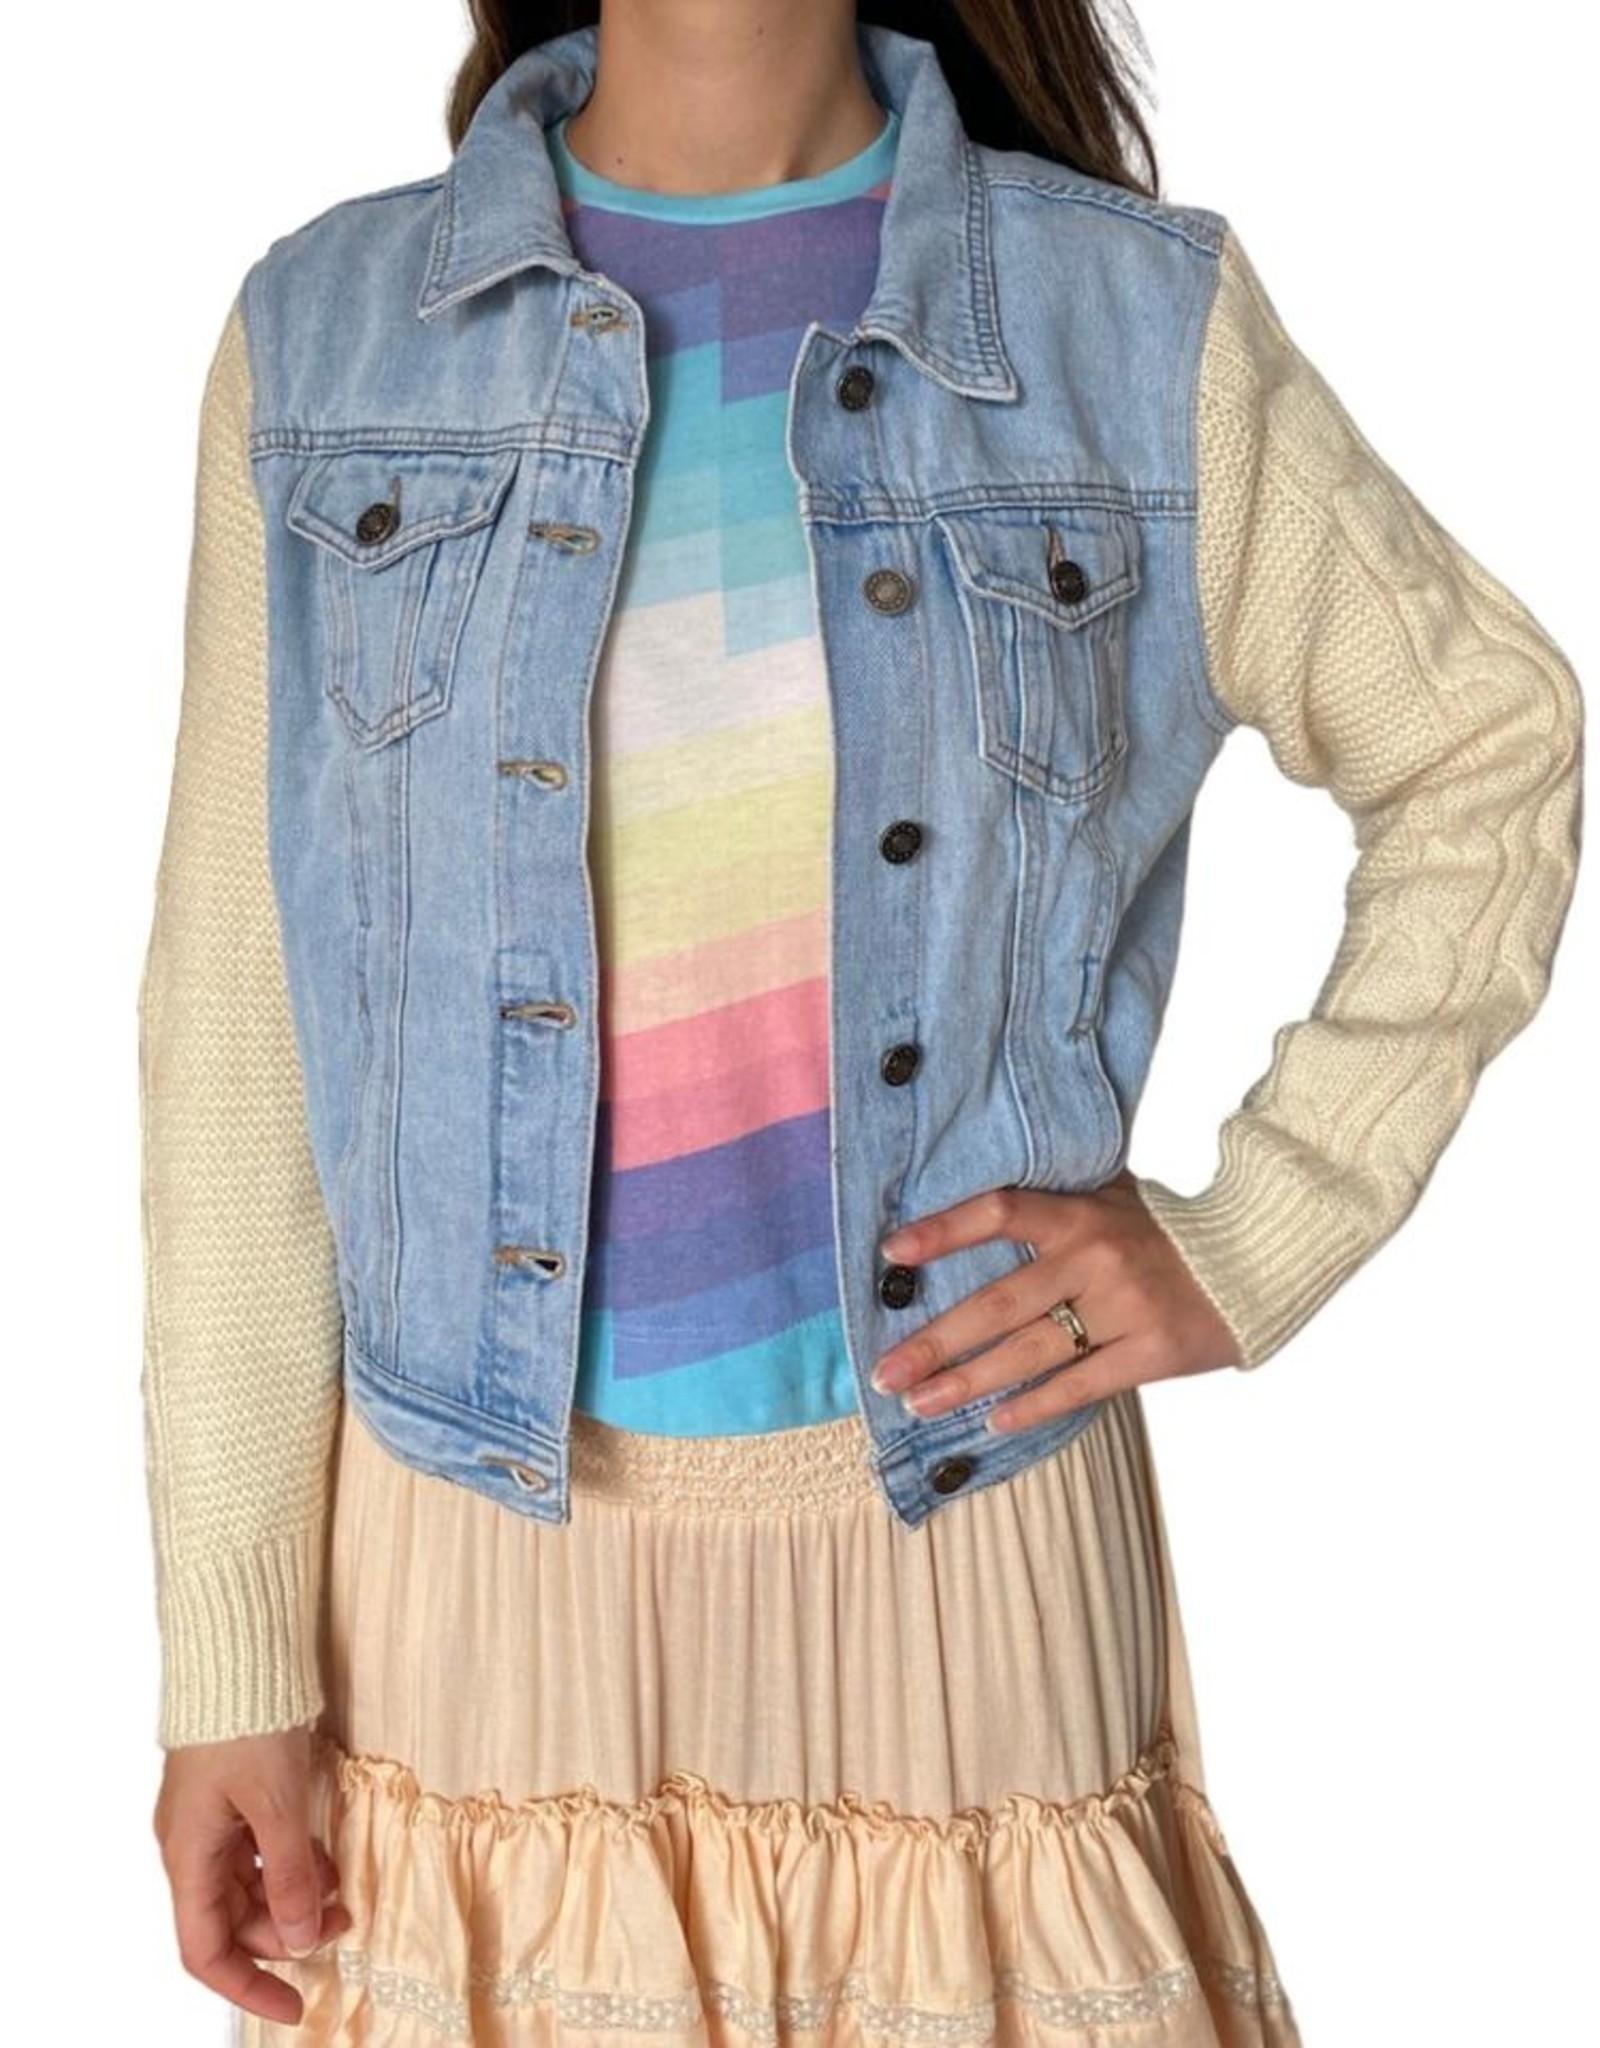 SoJara SoJara Pastel Eye Denim & Cableknit Sweater